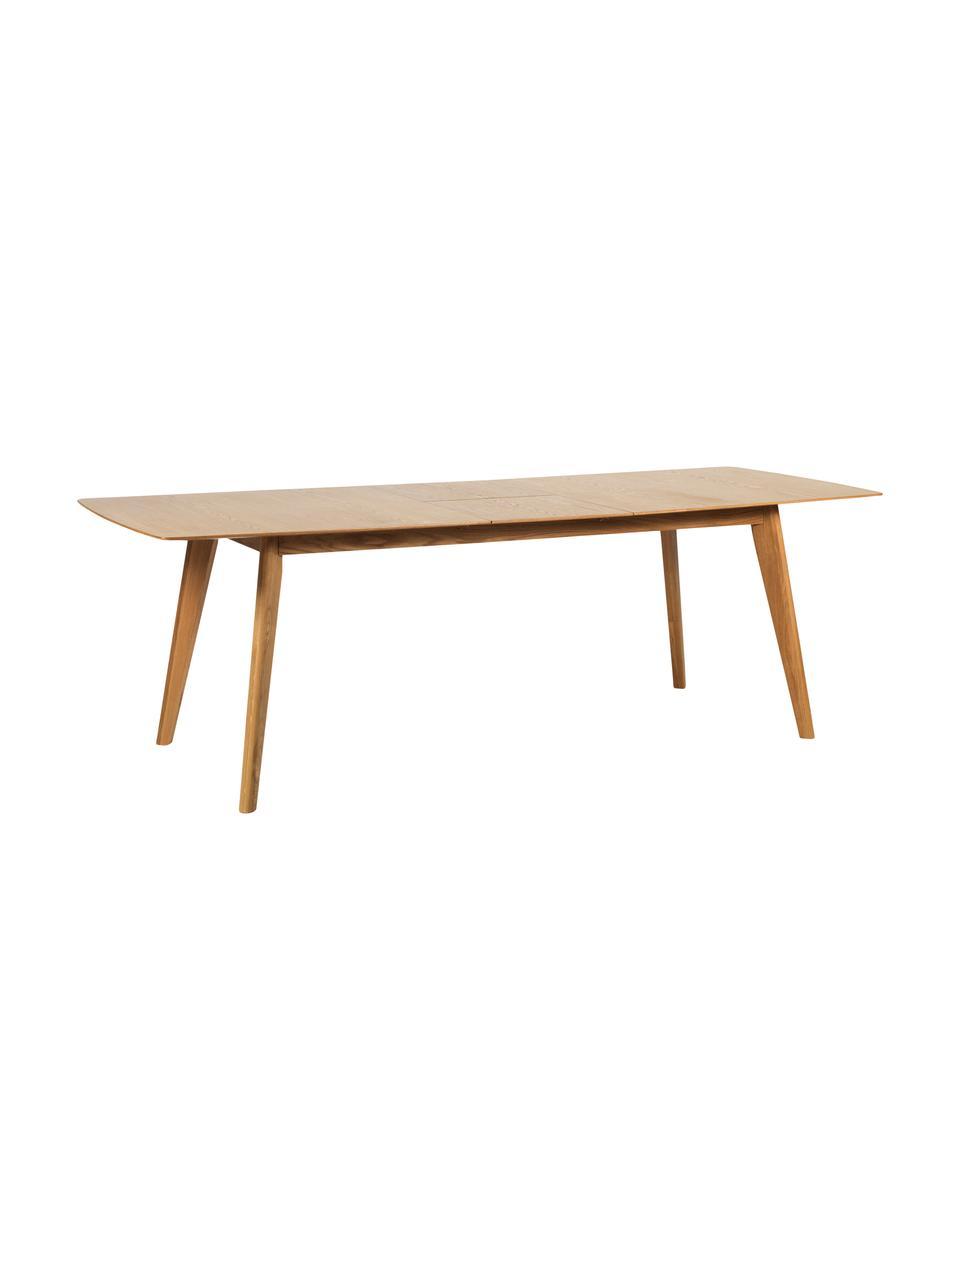 Table extensible Cirrus,190 - 235 x 90 cm, Bois de chêne, mat